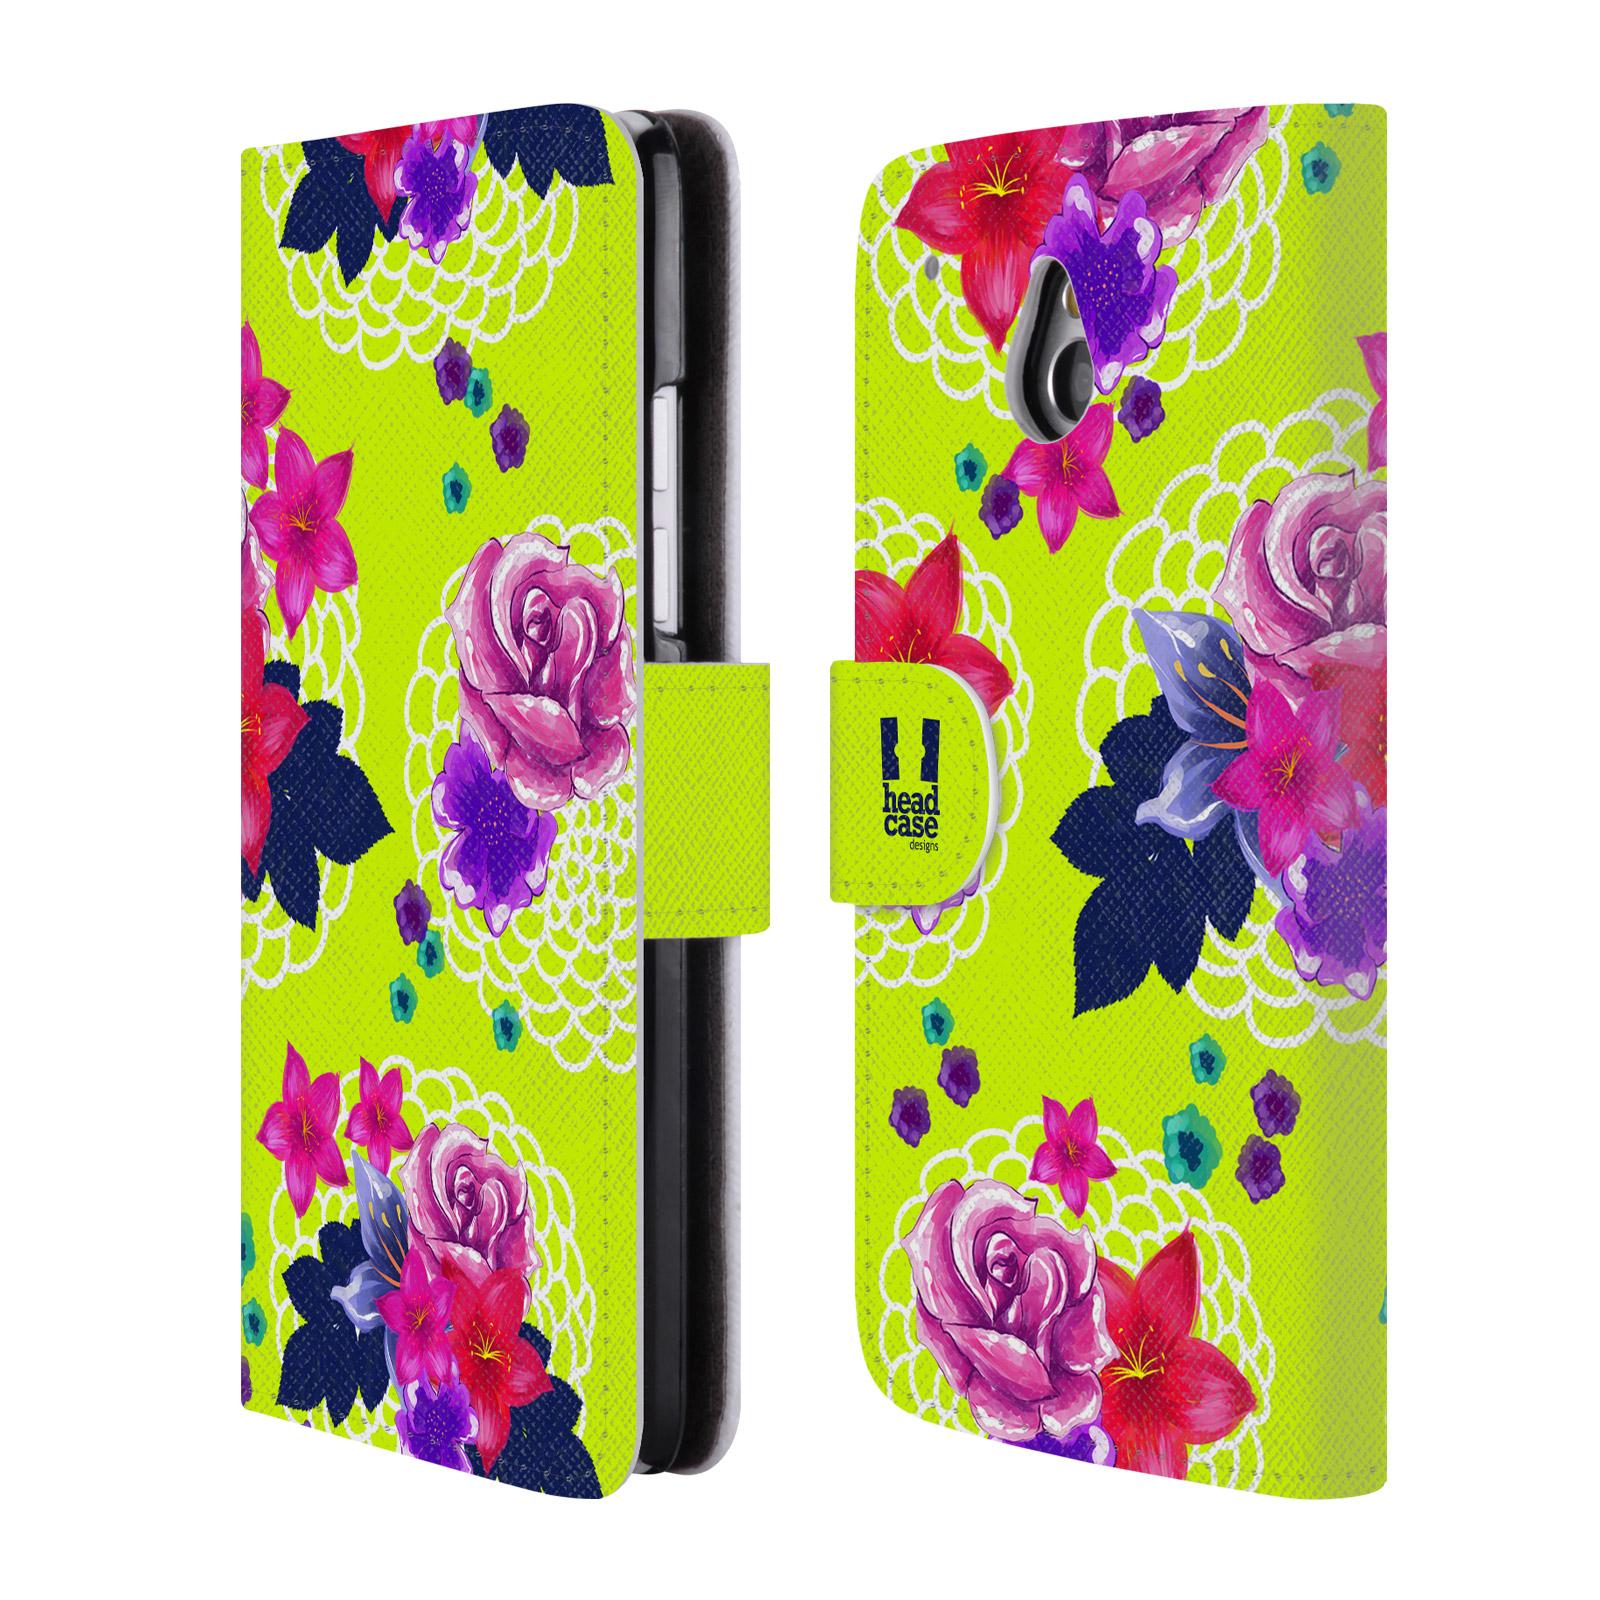 HEAD CASE Flipové pouzdro pro mobil HTC ONE MINI (M4) barevné kreslené květiny zářivě zelená